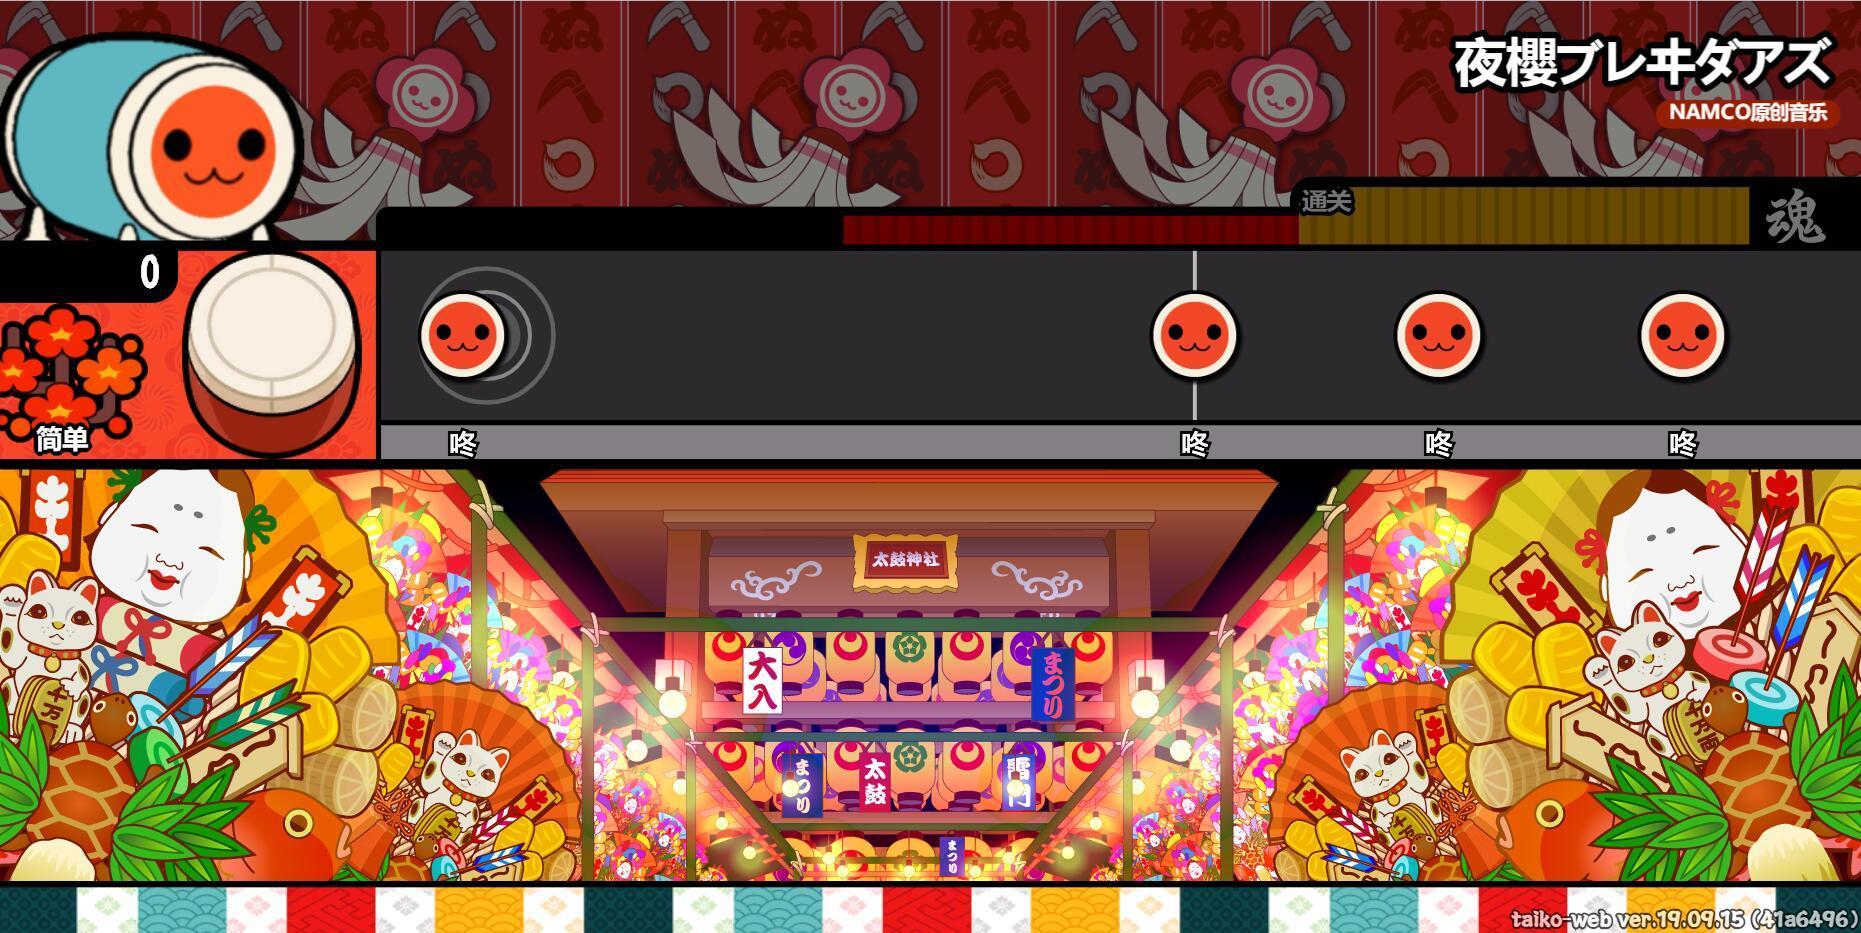 太鼓达人模拟器(taiko-web )—打开浏览器就能玩太鼓达人插图